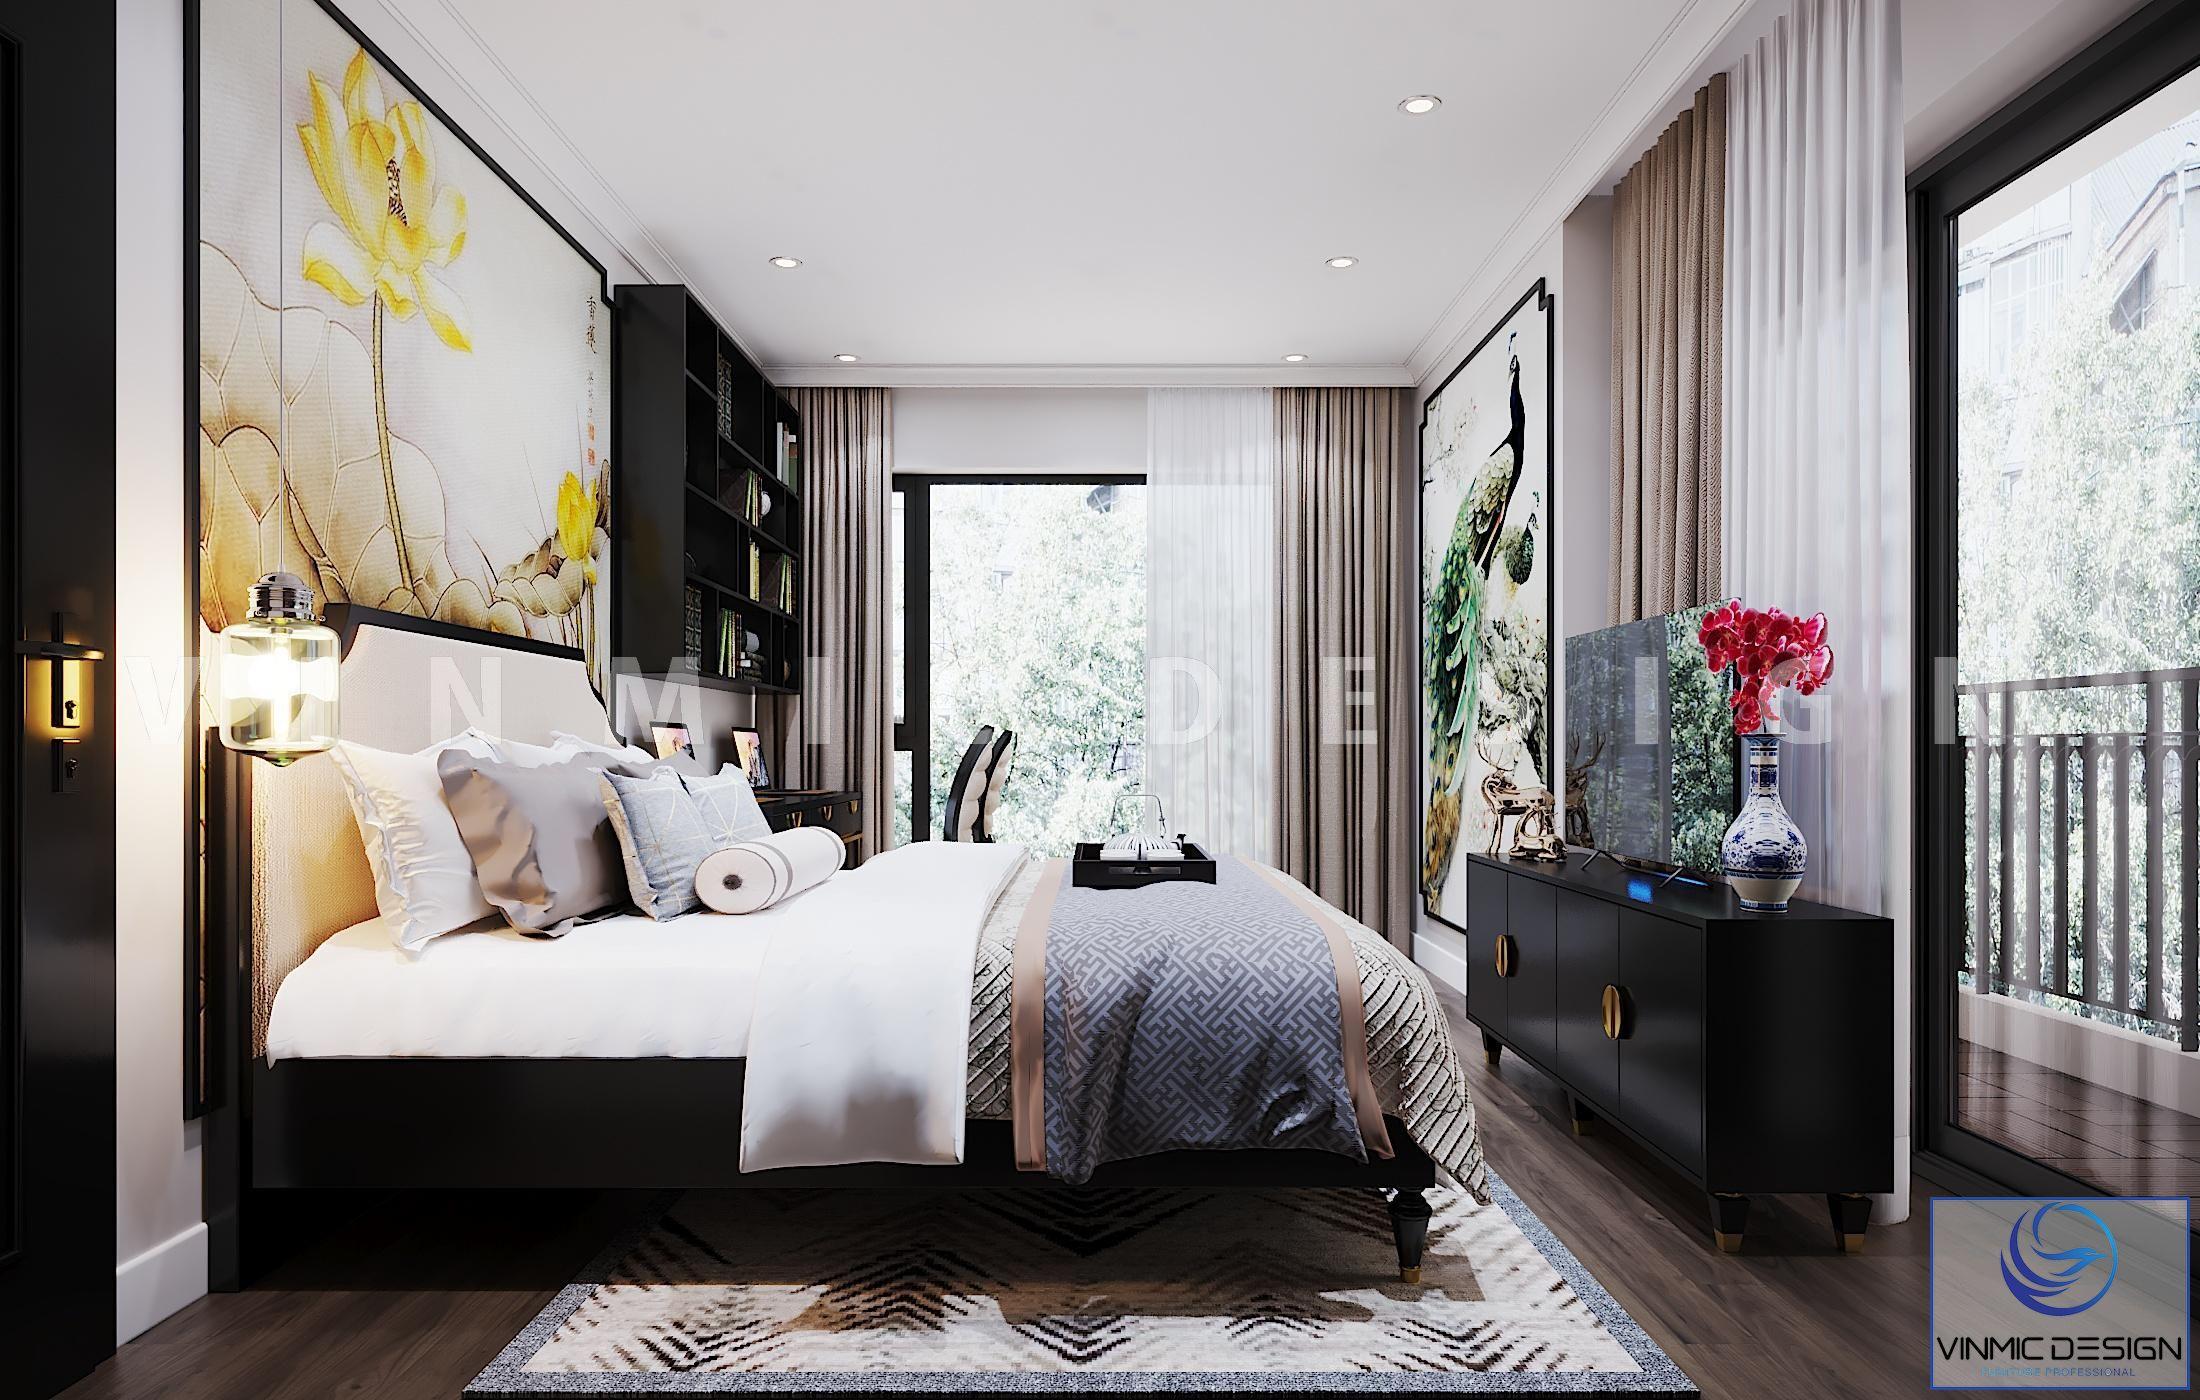 Thiết kế nội thất chung cư đẹp cho phòng ngủ tại chung cư Vinhomes Metropolis